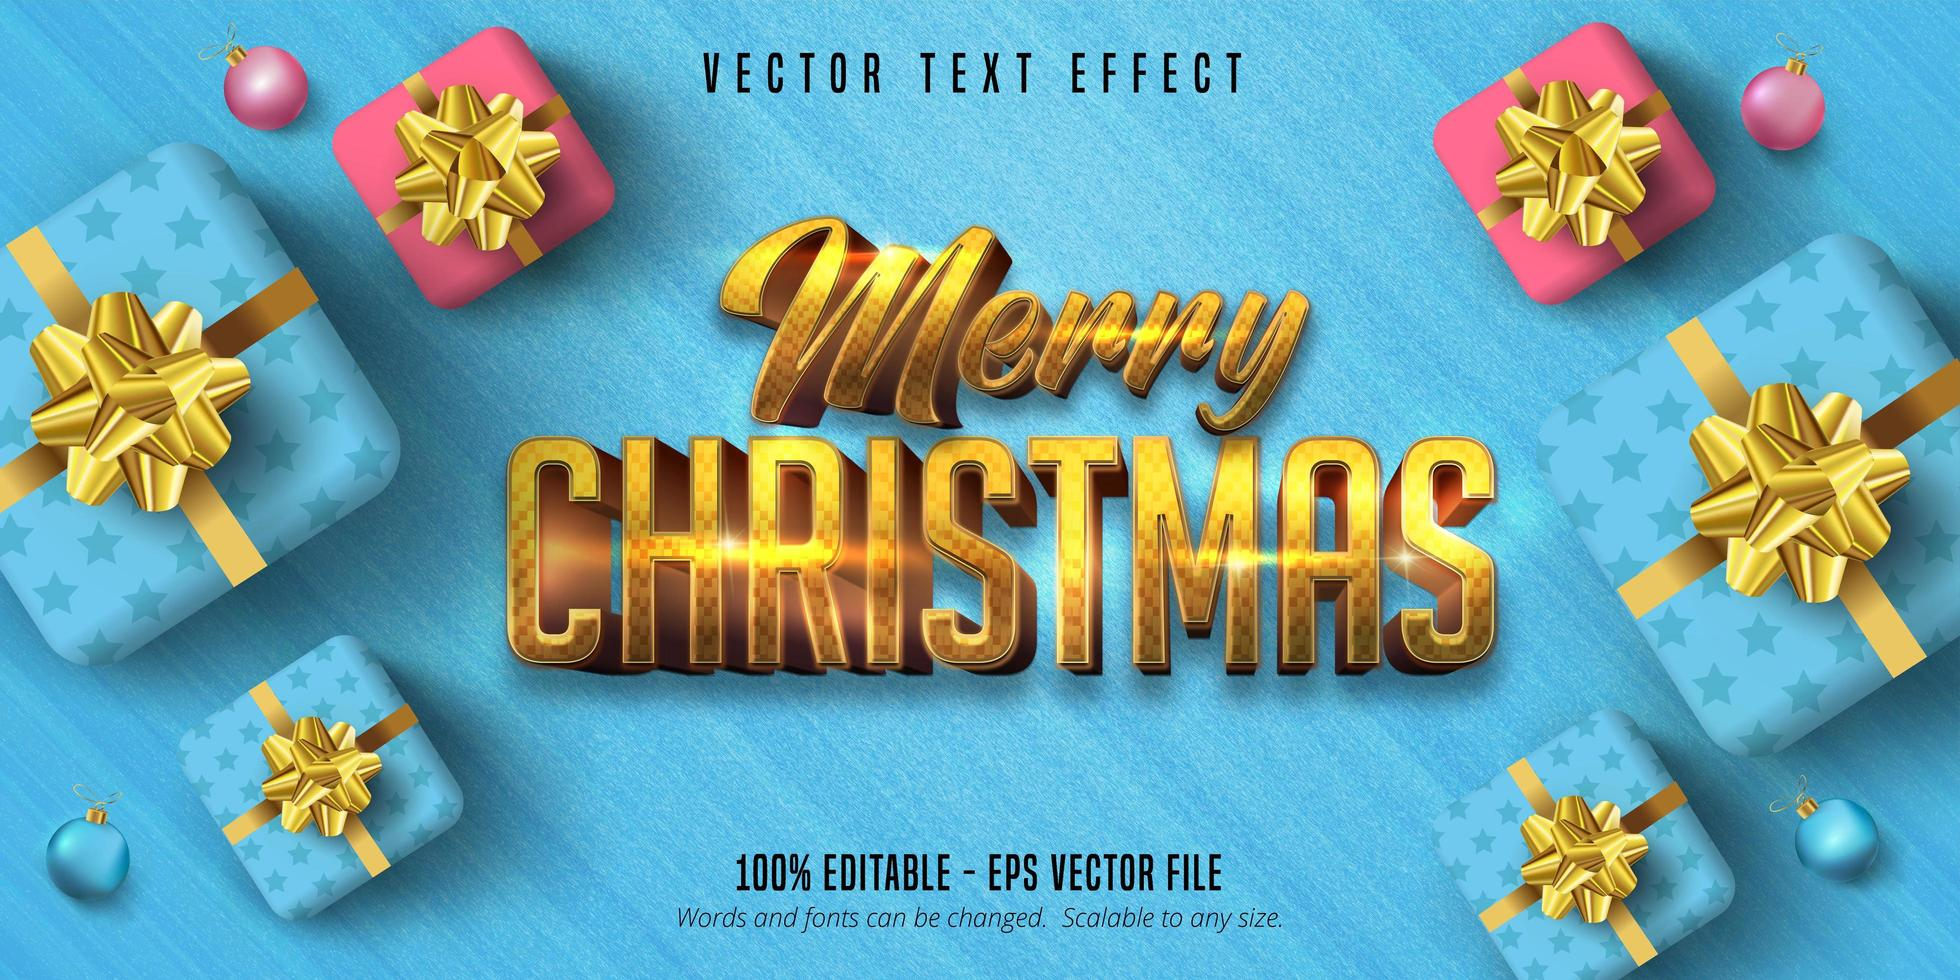 vrolijk kerstfeest gouden tekst op blauw met geschenken vector